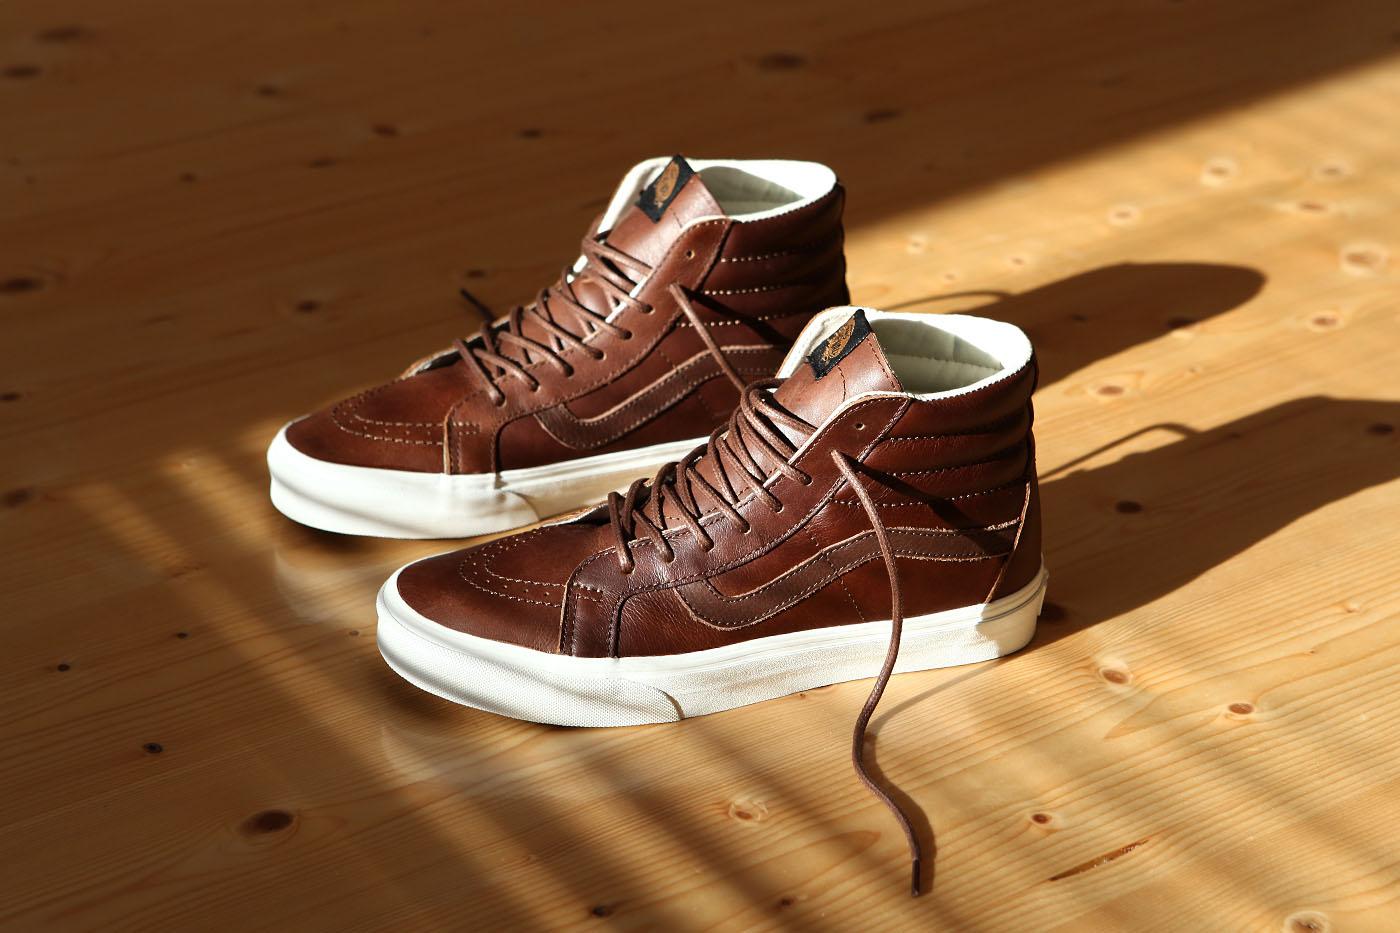 vans sk8 hi reissue brown leather